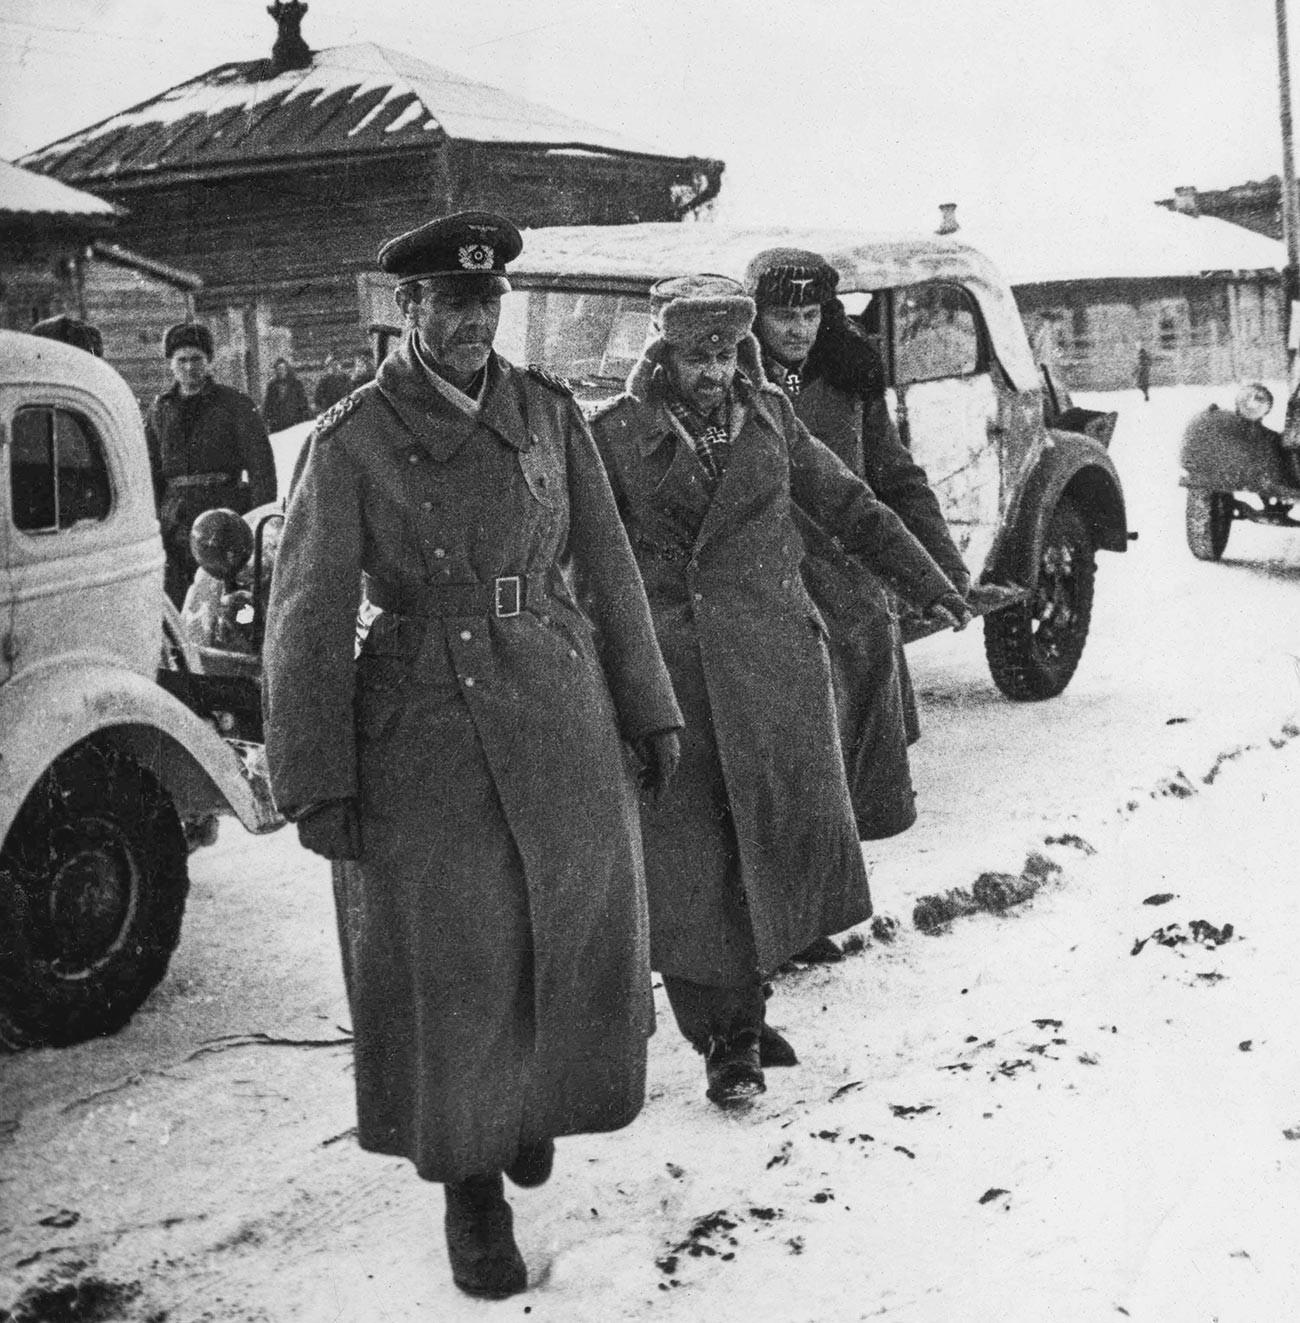 Сталинград, фелдмаршал Фридрих Паулус